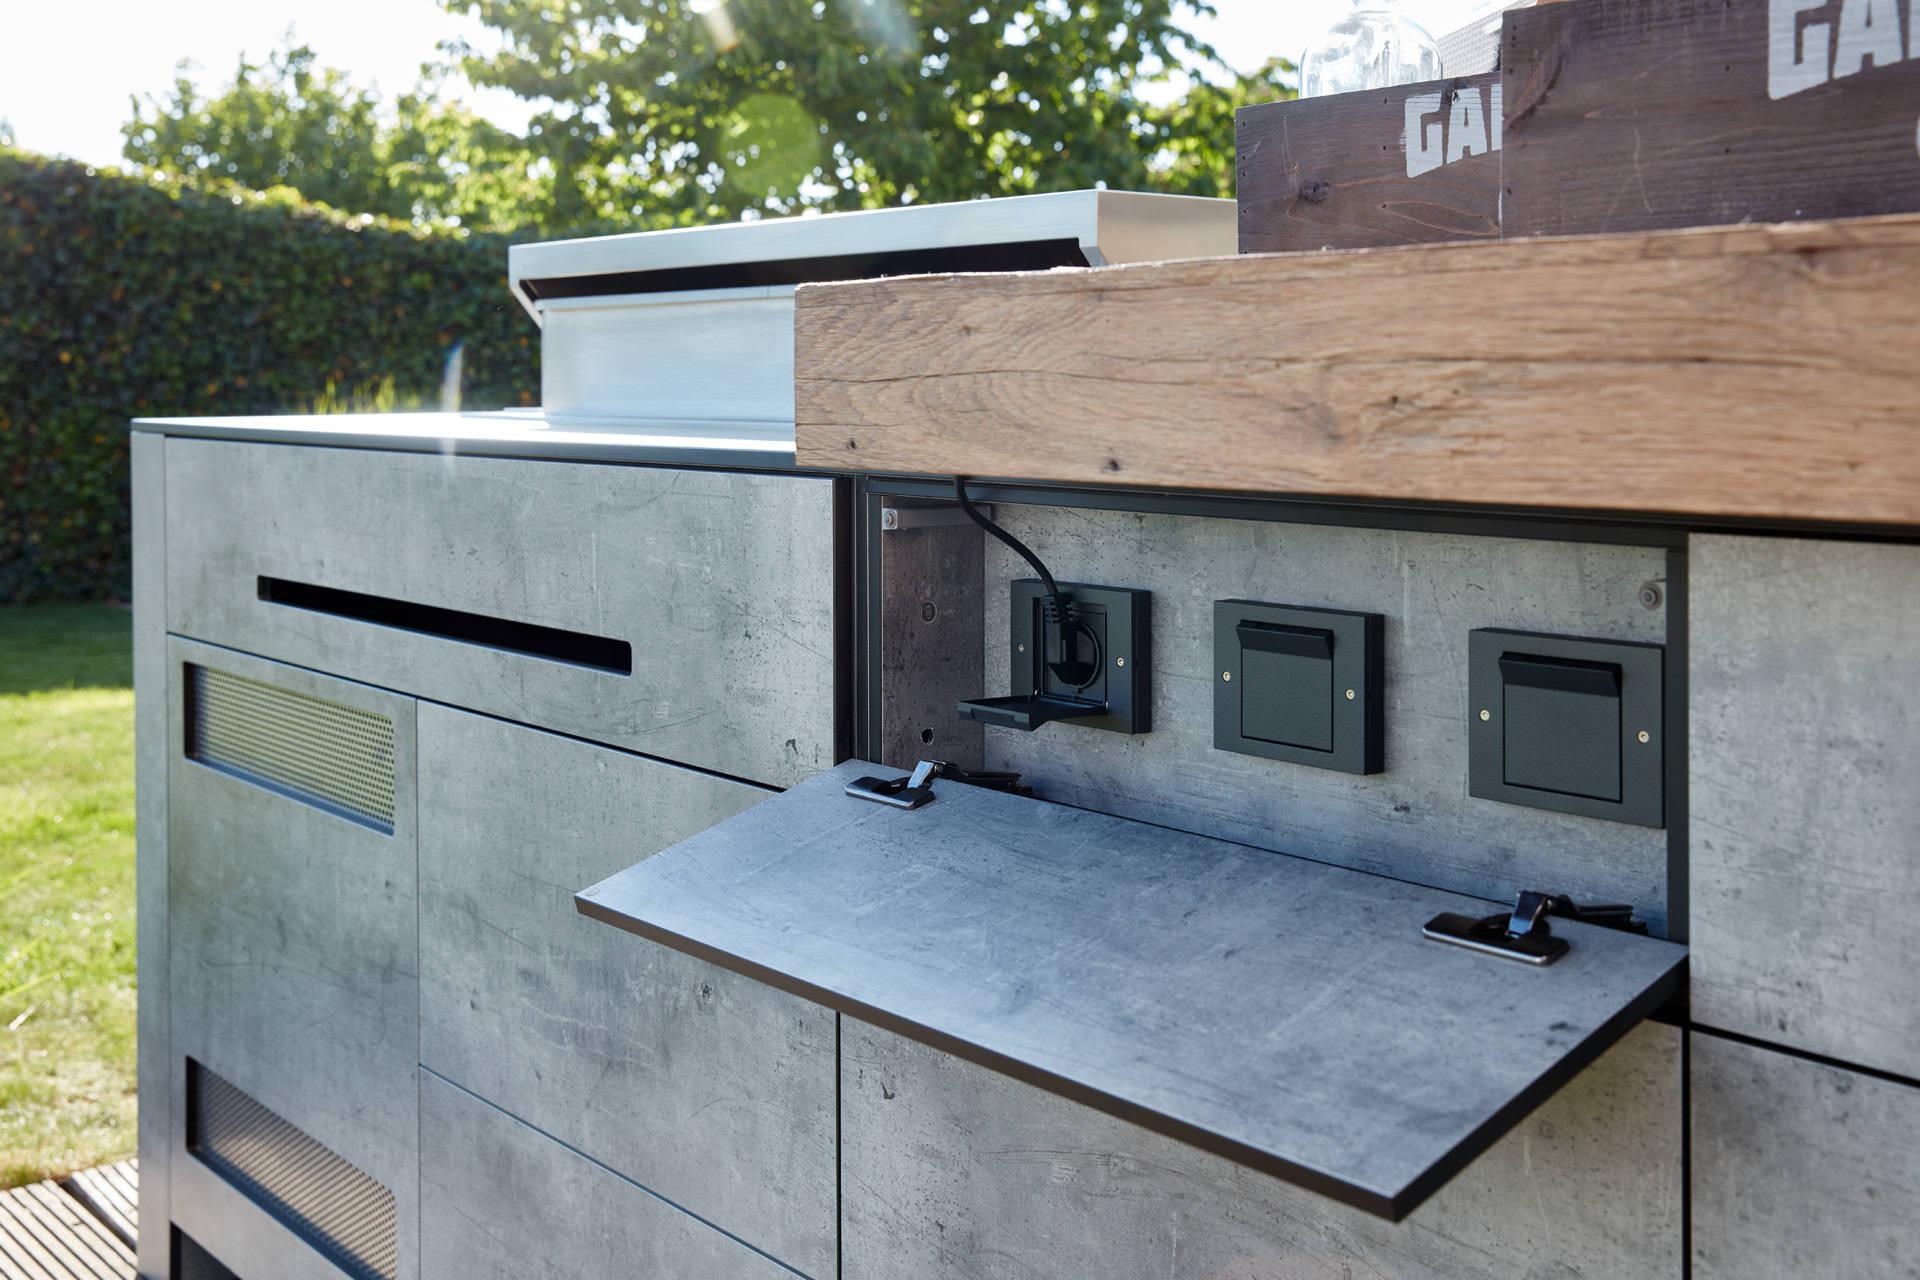 Full Size of Luxus Outdoorkchen Individuelle Wand Und Inselkchen Sitzecke Küche Einbauküche Mit E Geräten U Form Bodenbeläge Tapeten Für Singleküche Arbeitsplatten Wohnzimmer Outdoor Küche